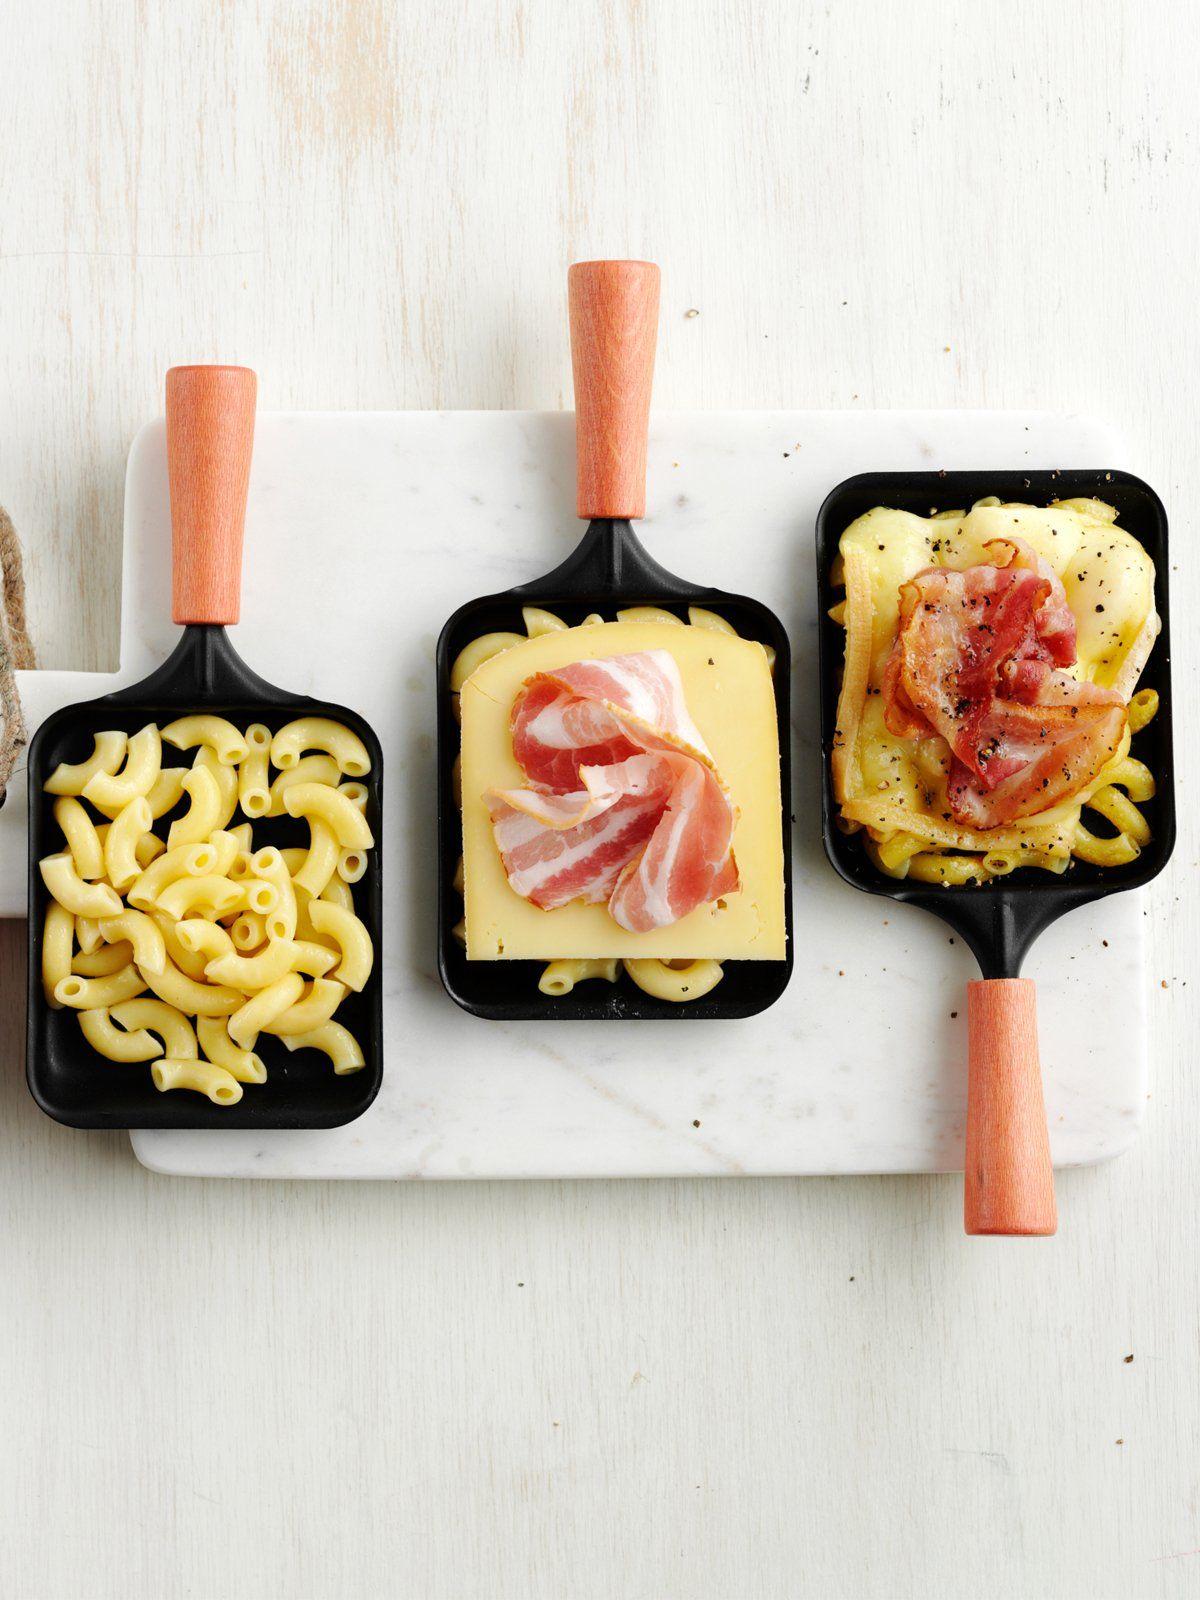 raclette rezepte raclette ideen die ihr so noch nicht kanntet pers nlicher geschmack. Black Bedroom Furniture Sets. Home Design Ideas